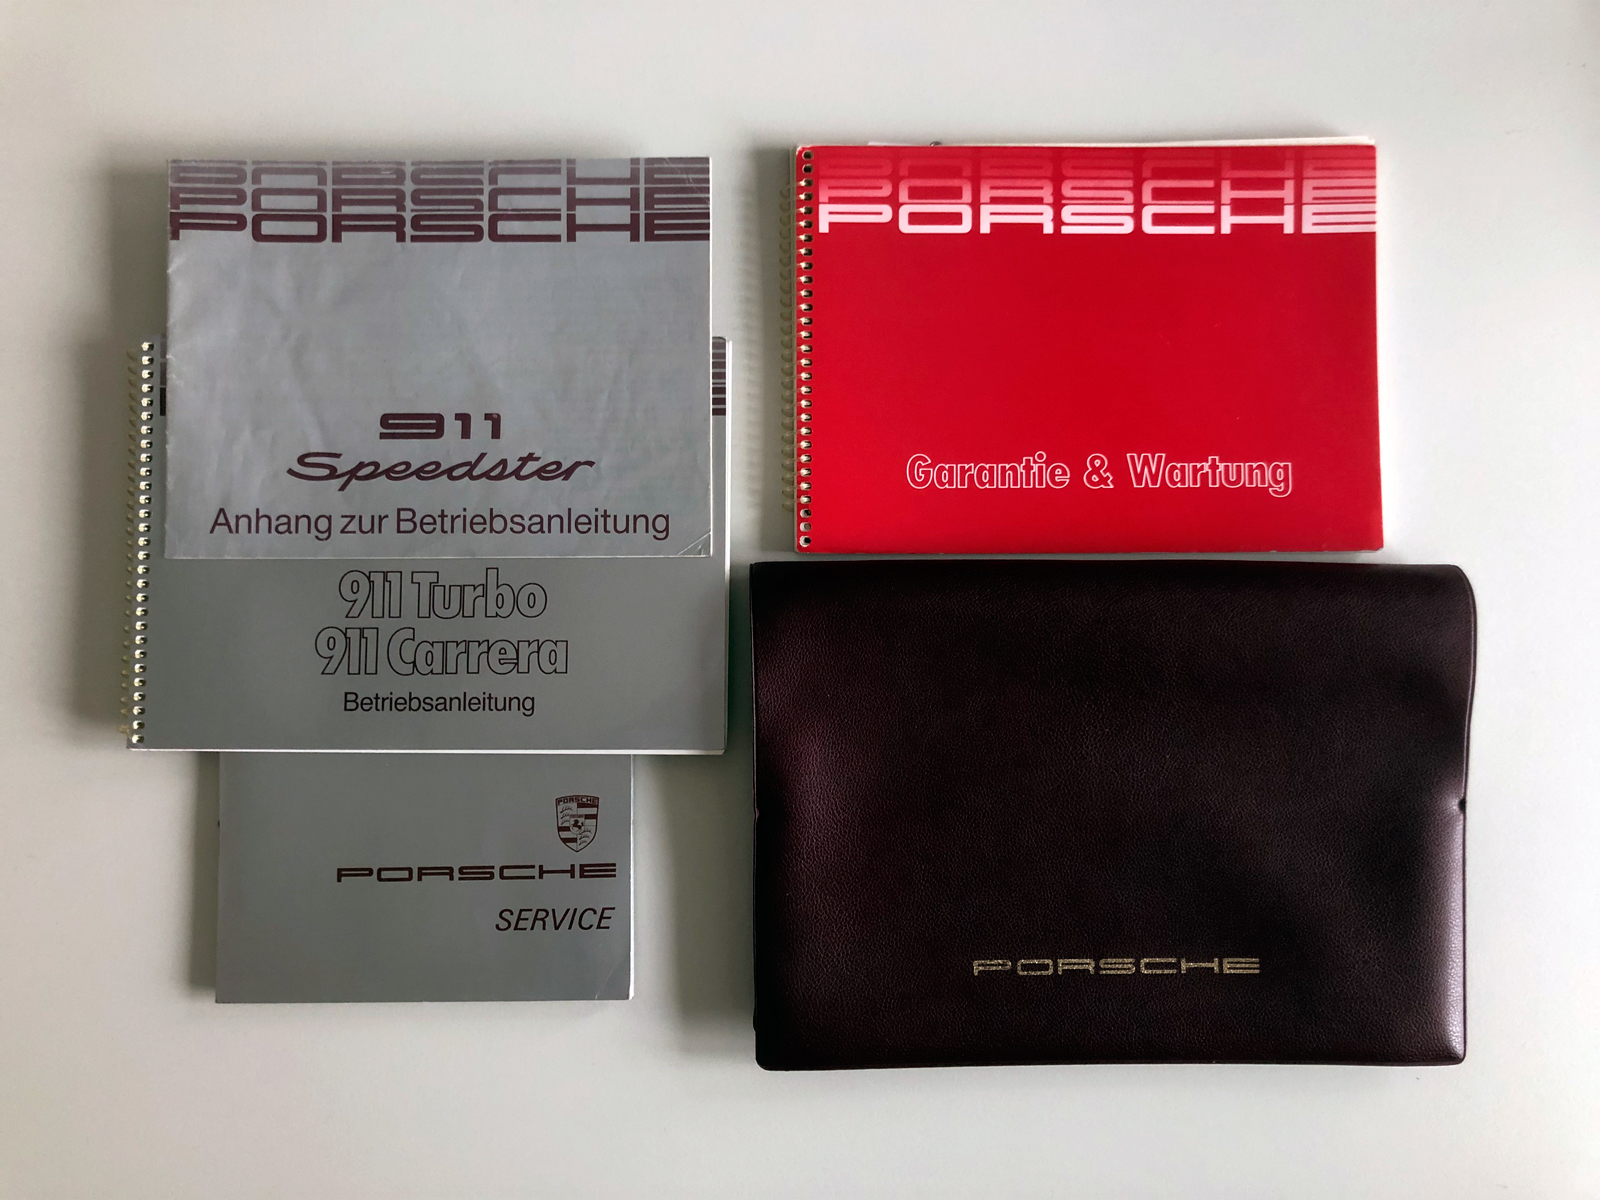 Porsche_911_speedster_1989_scheckheft_service_garantie_wartung_bk_sportwagen_rheinland_gmbh